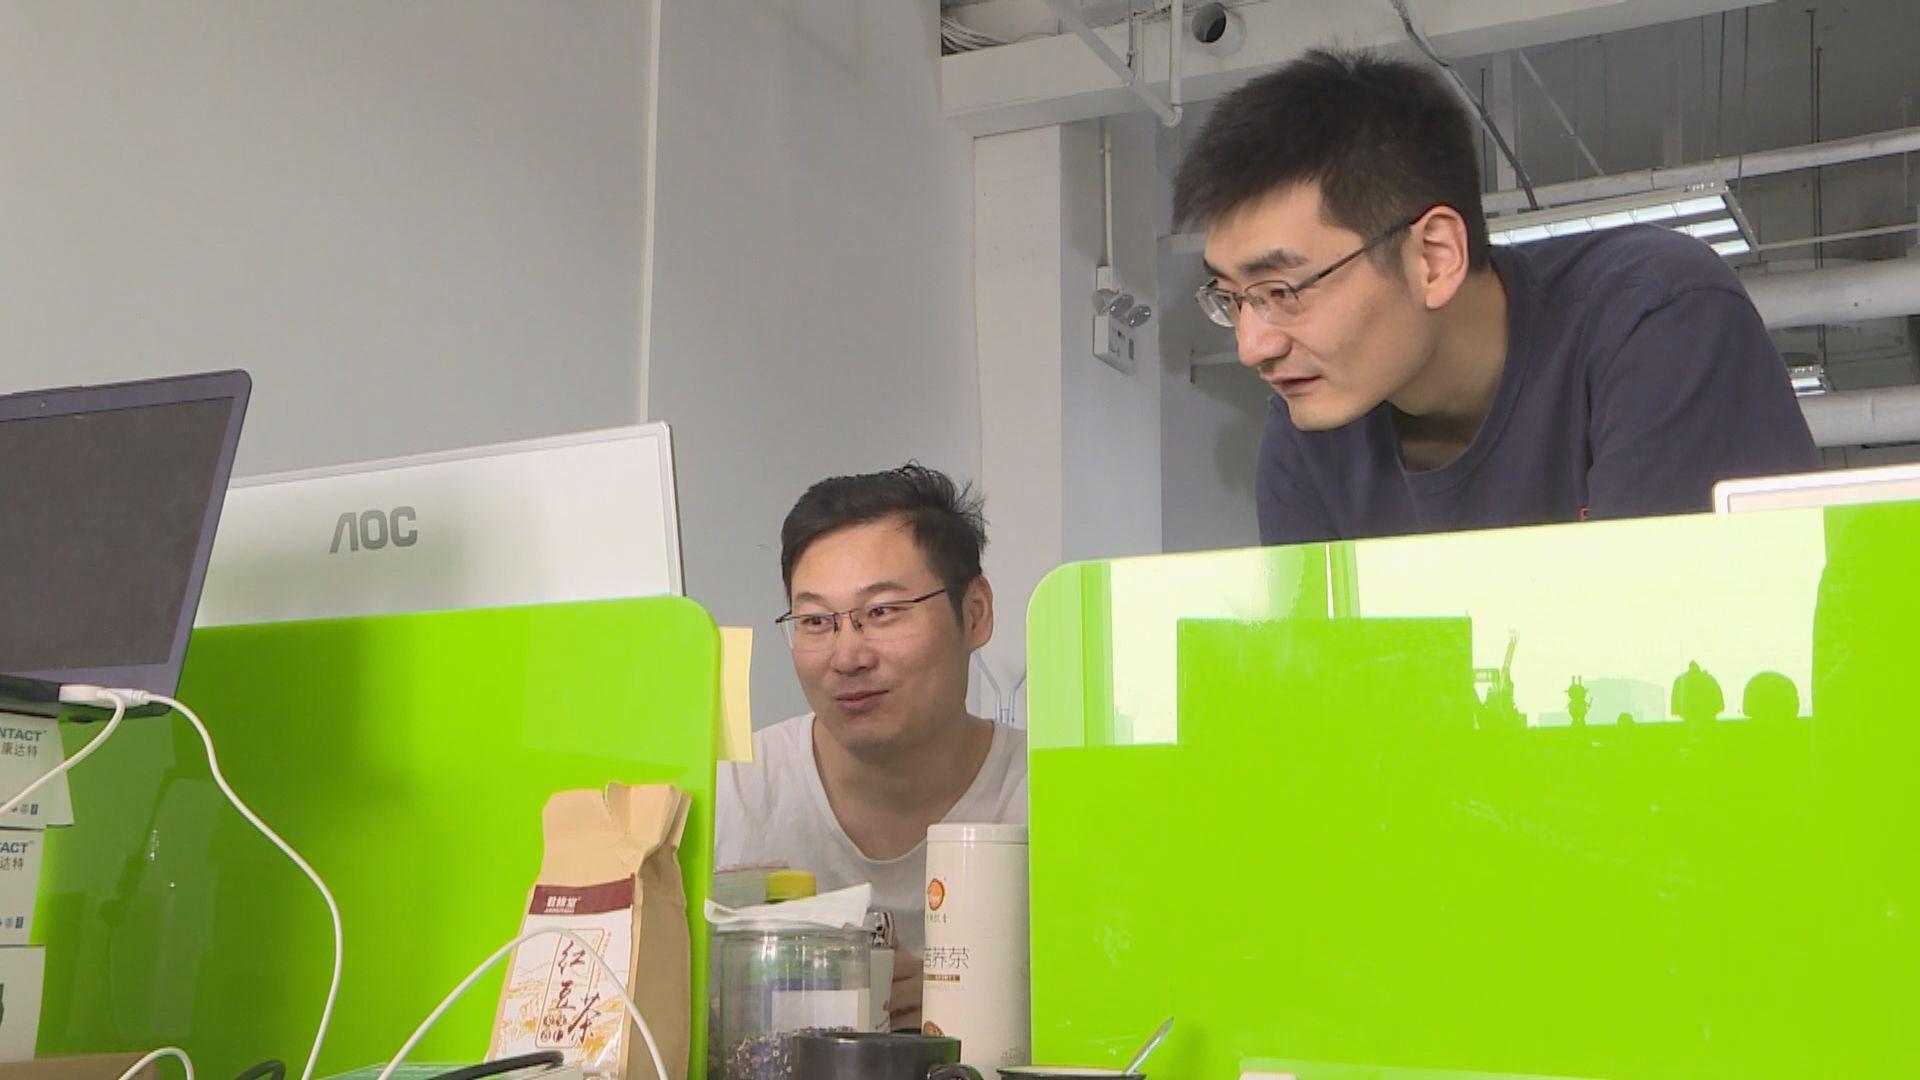 【首都專線】一群程式員挑戰業內「996」工作文化